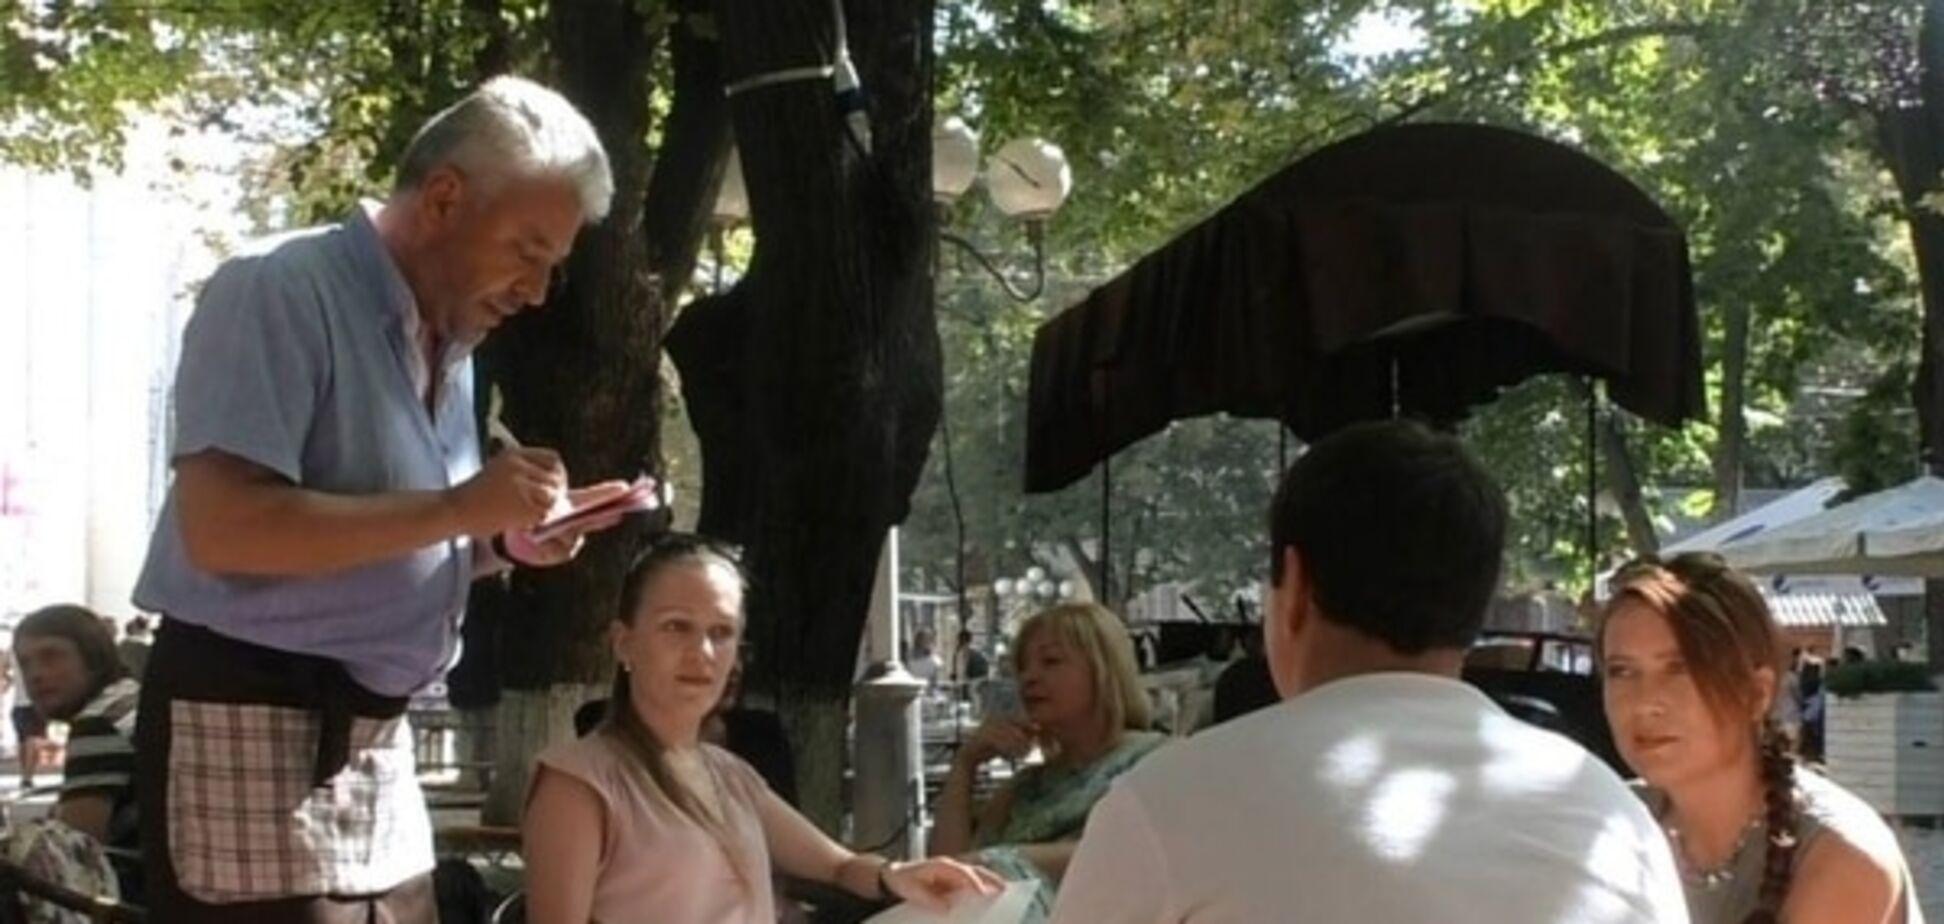 Нардеп от 'Свободы' стал официантом в кафе: фотофакт